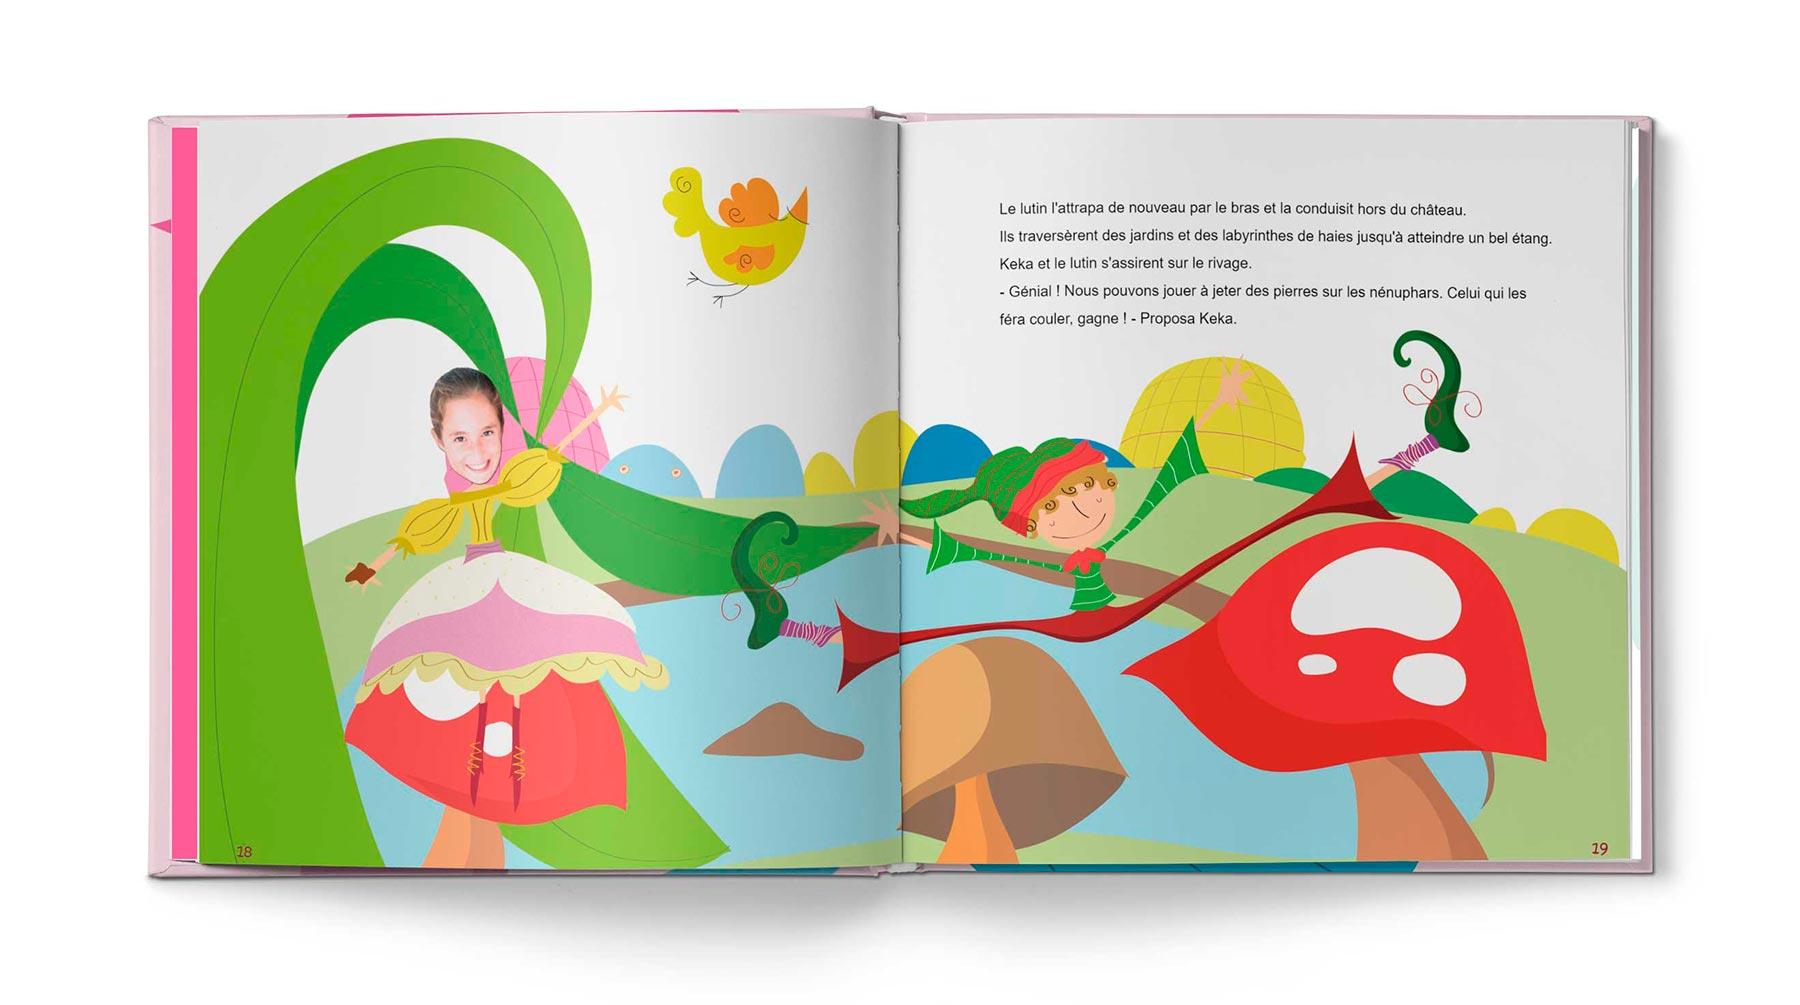 Histoire La princesse et le pansement - Image 9